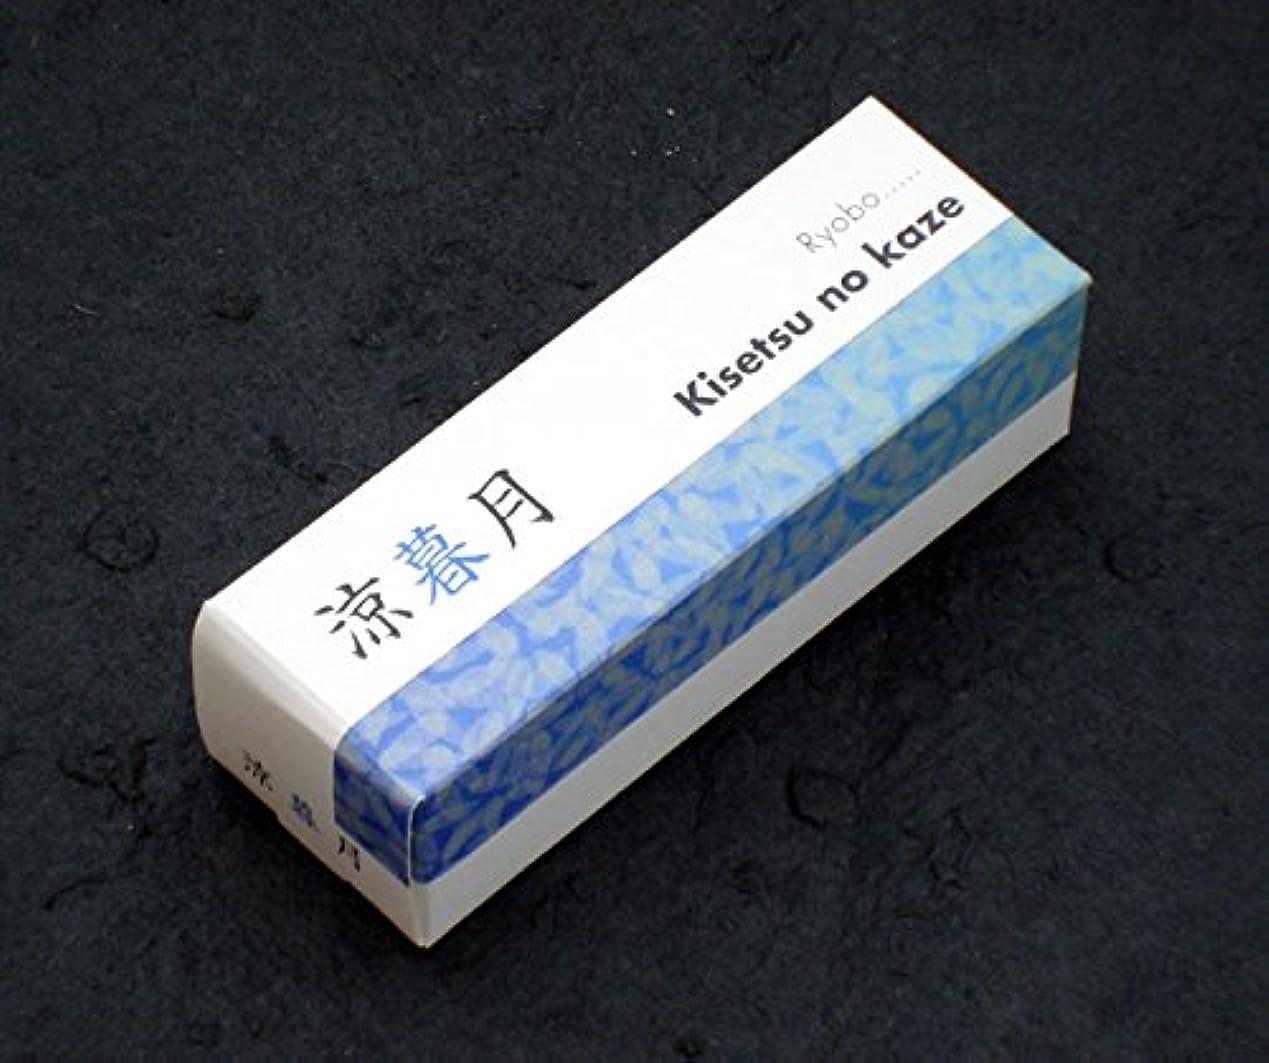 鉛質量素晴らしい季節の風 涼暮月(りょうぼづき)【松栄堂】 【お香】